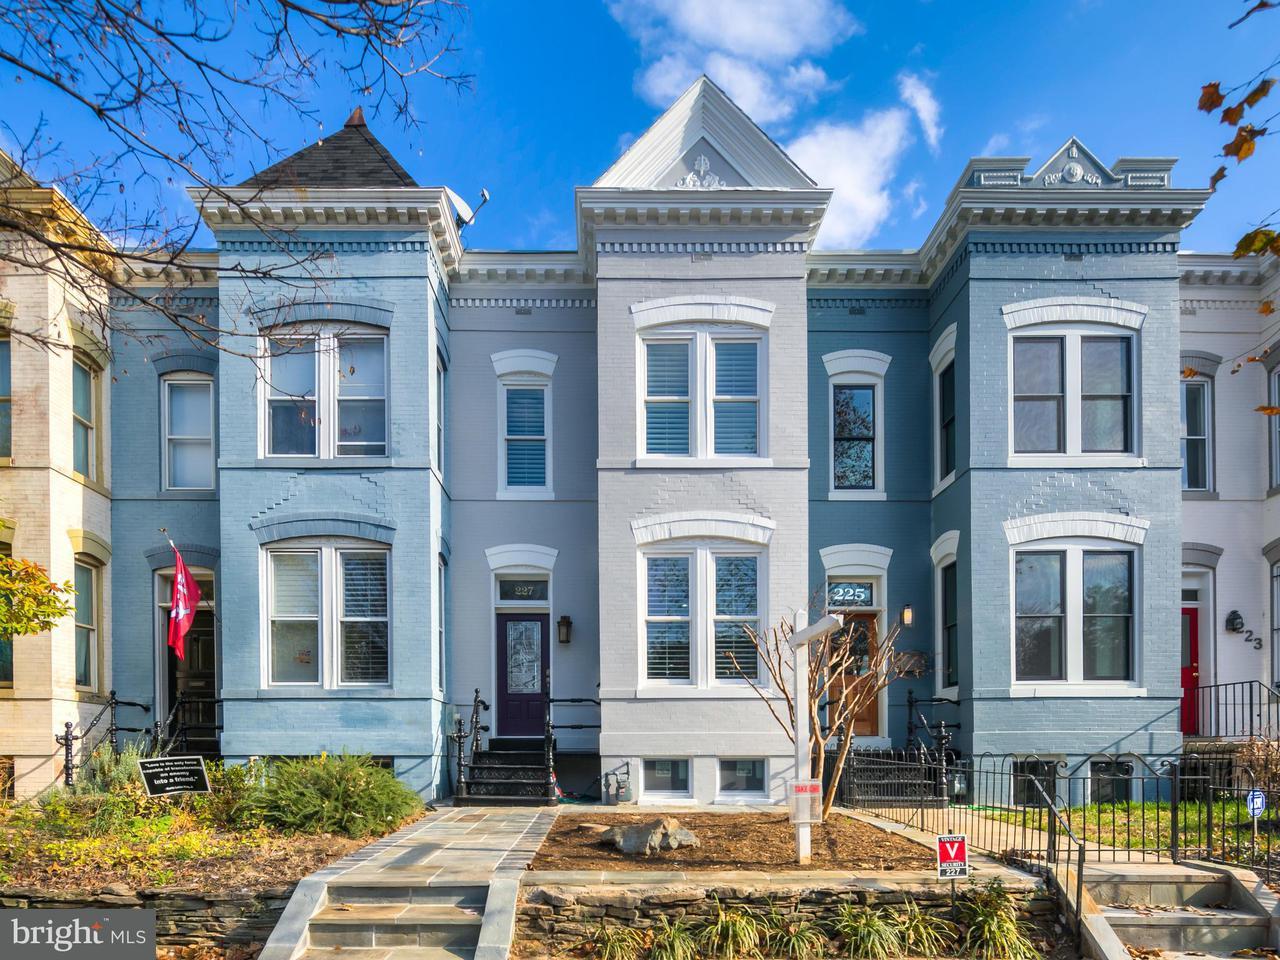 タウンハウス のために 売買 アット 227 12th St Ne 227 12th St Ne Washington, コロンビア特別区 20002 アメリカ合衆国